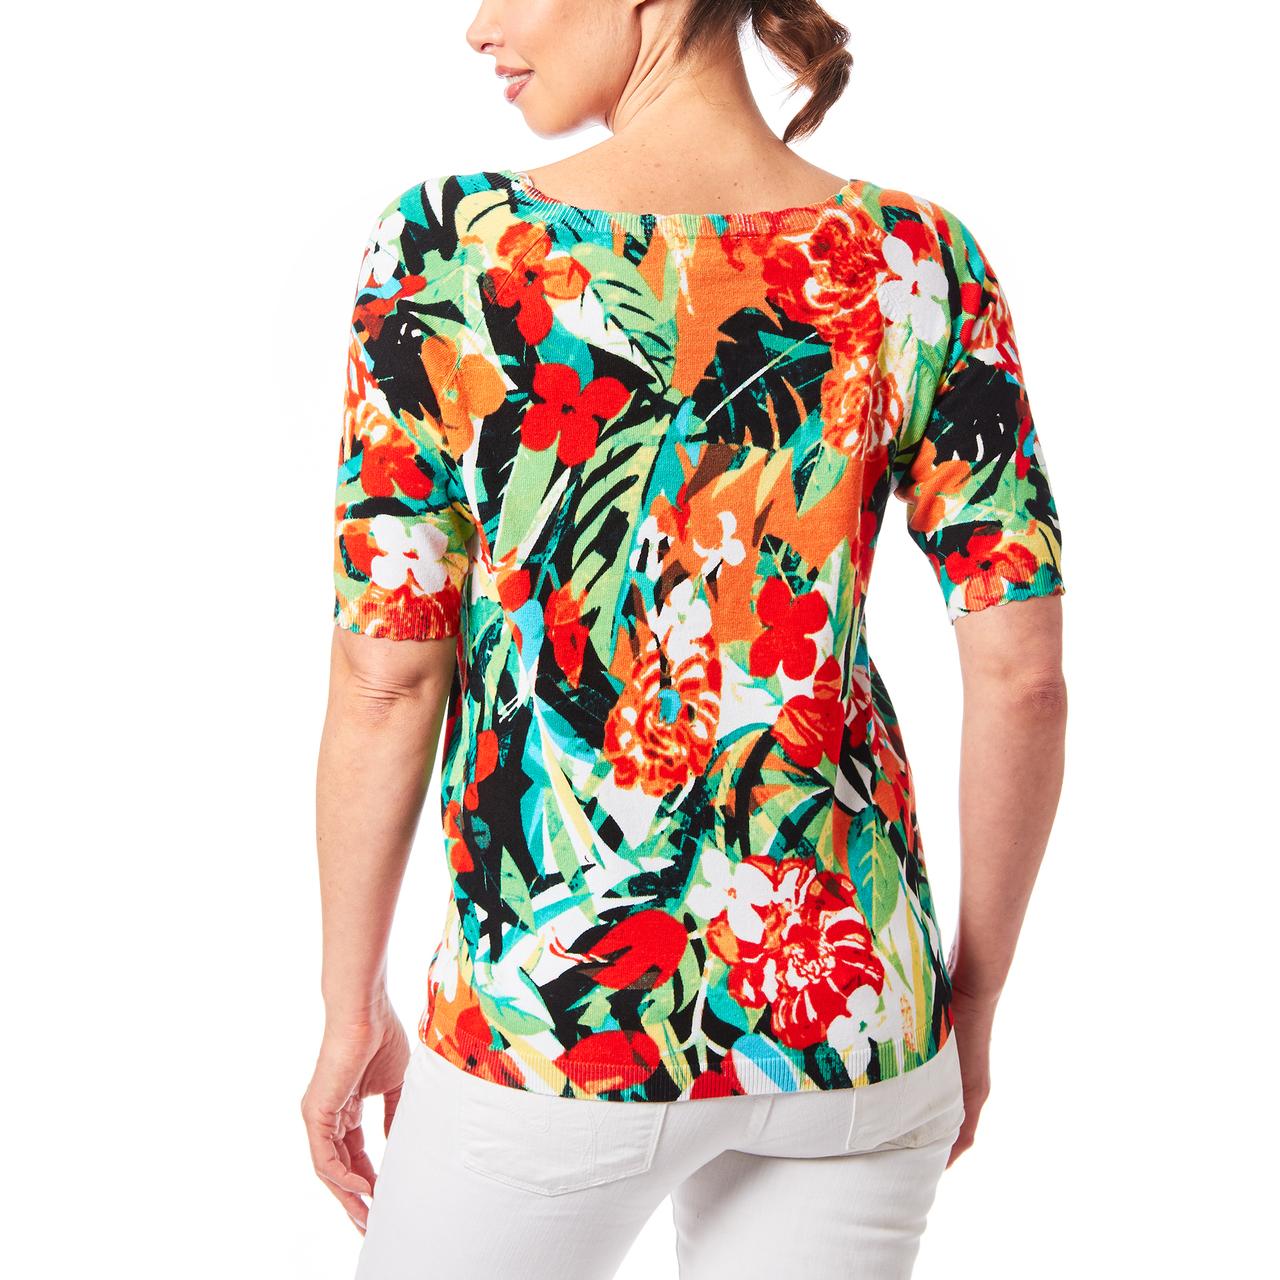 Scallop Trim Sweater In Tropical Print